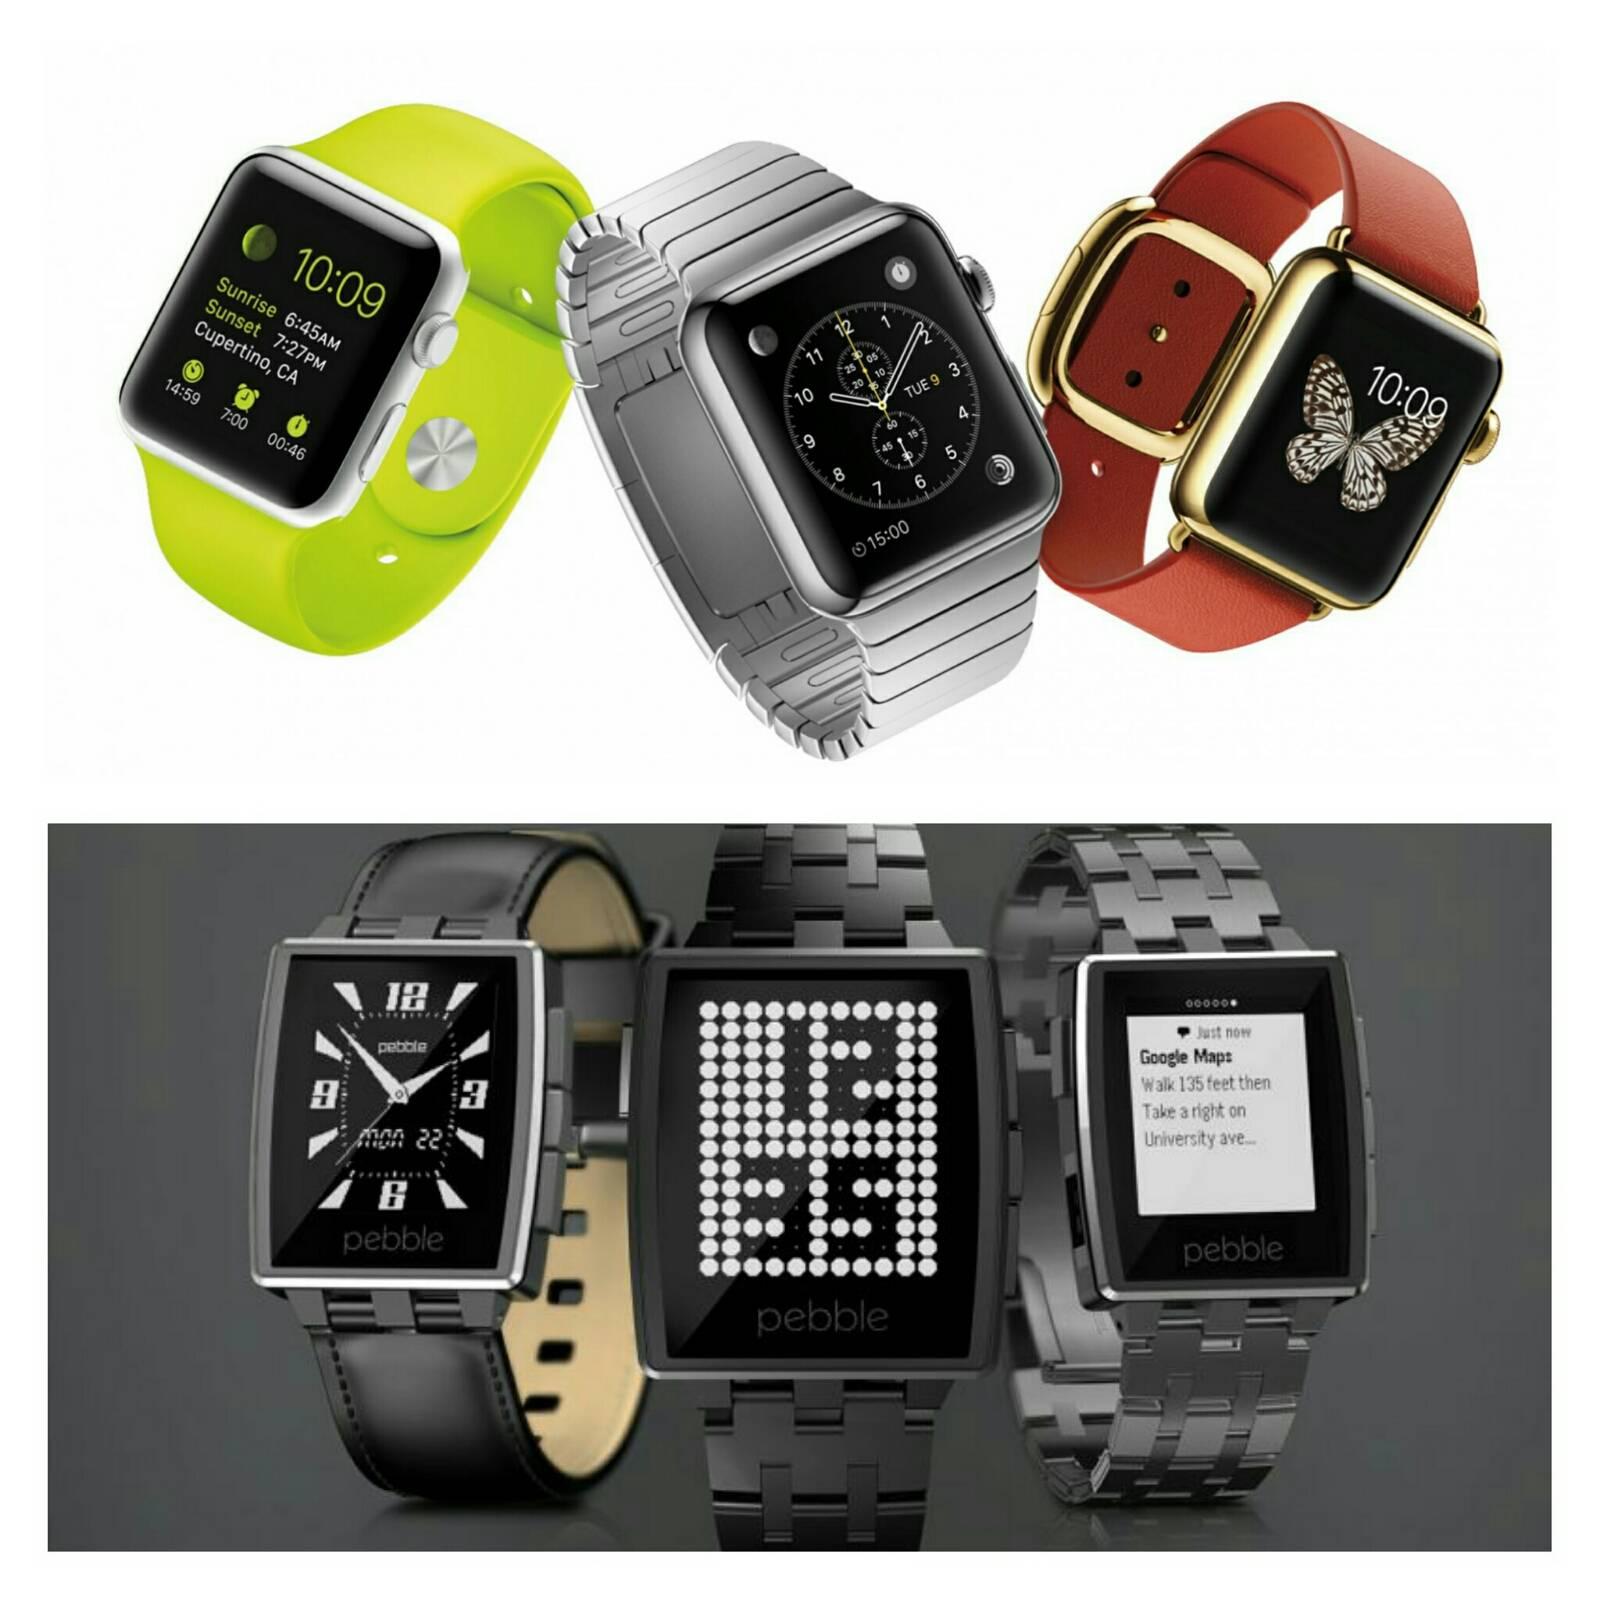 Apple Watch Pebble Watch